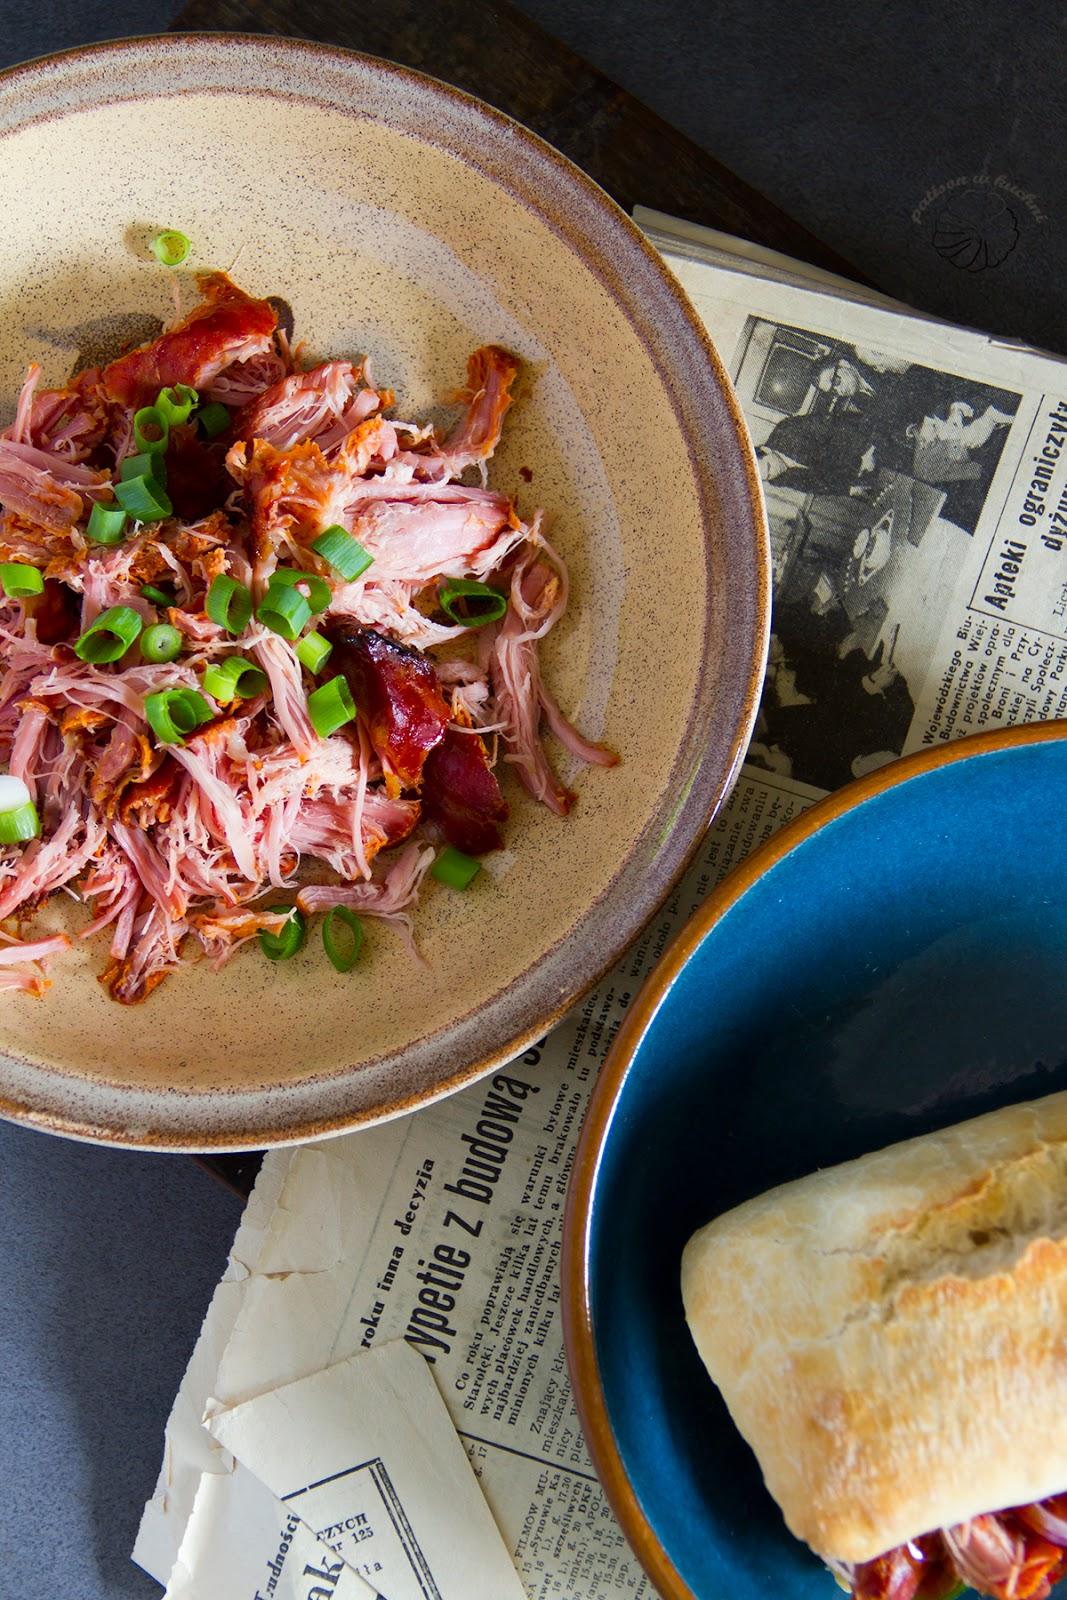 Pulled pork czyli wyczesana wieprzowina.